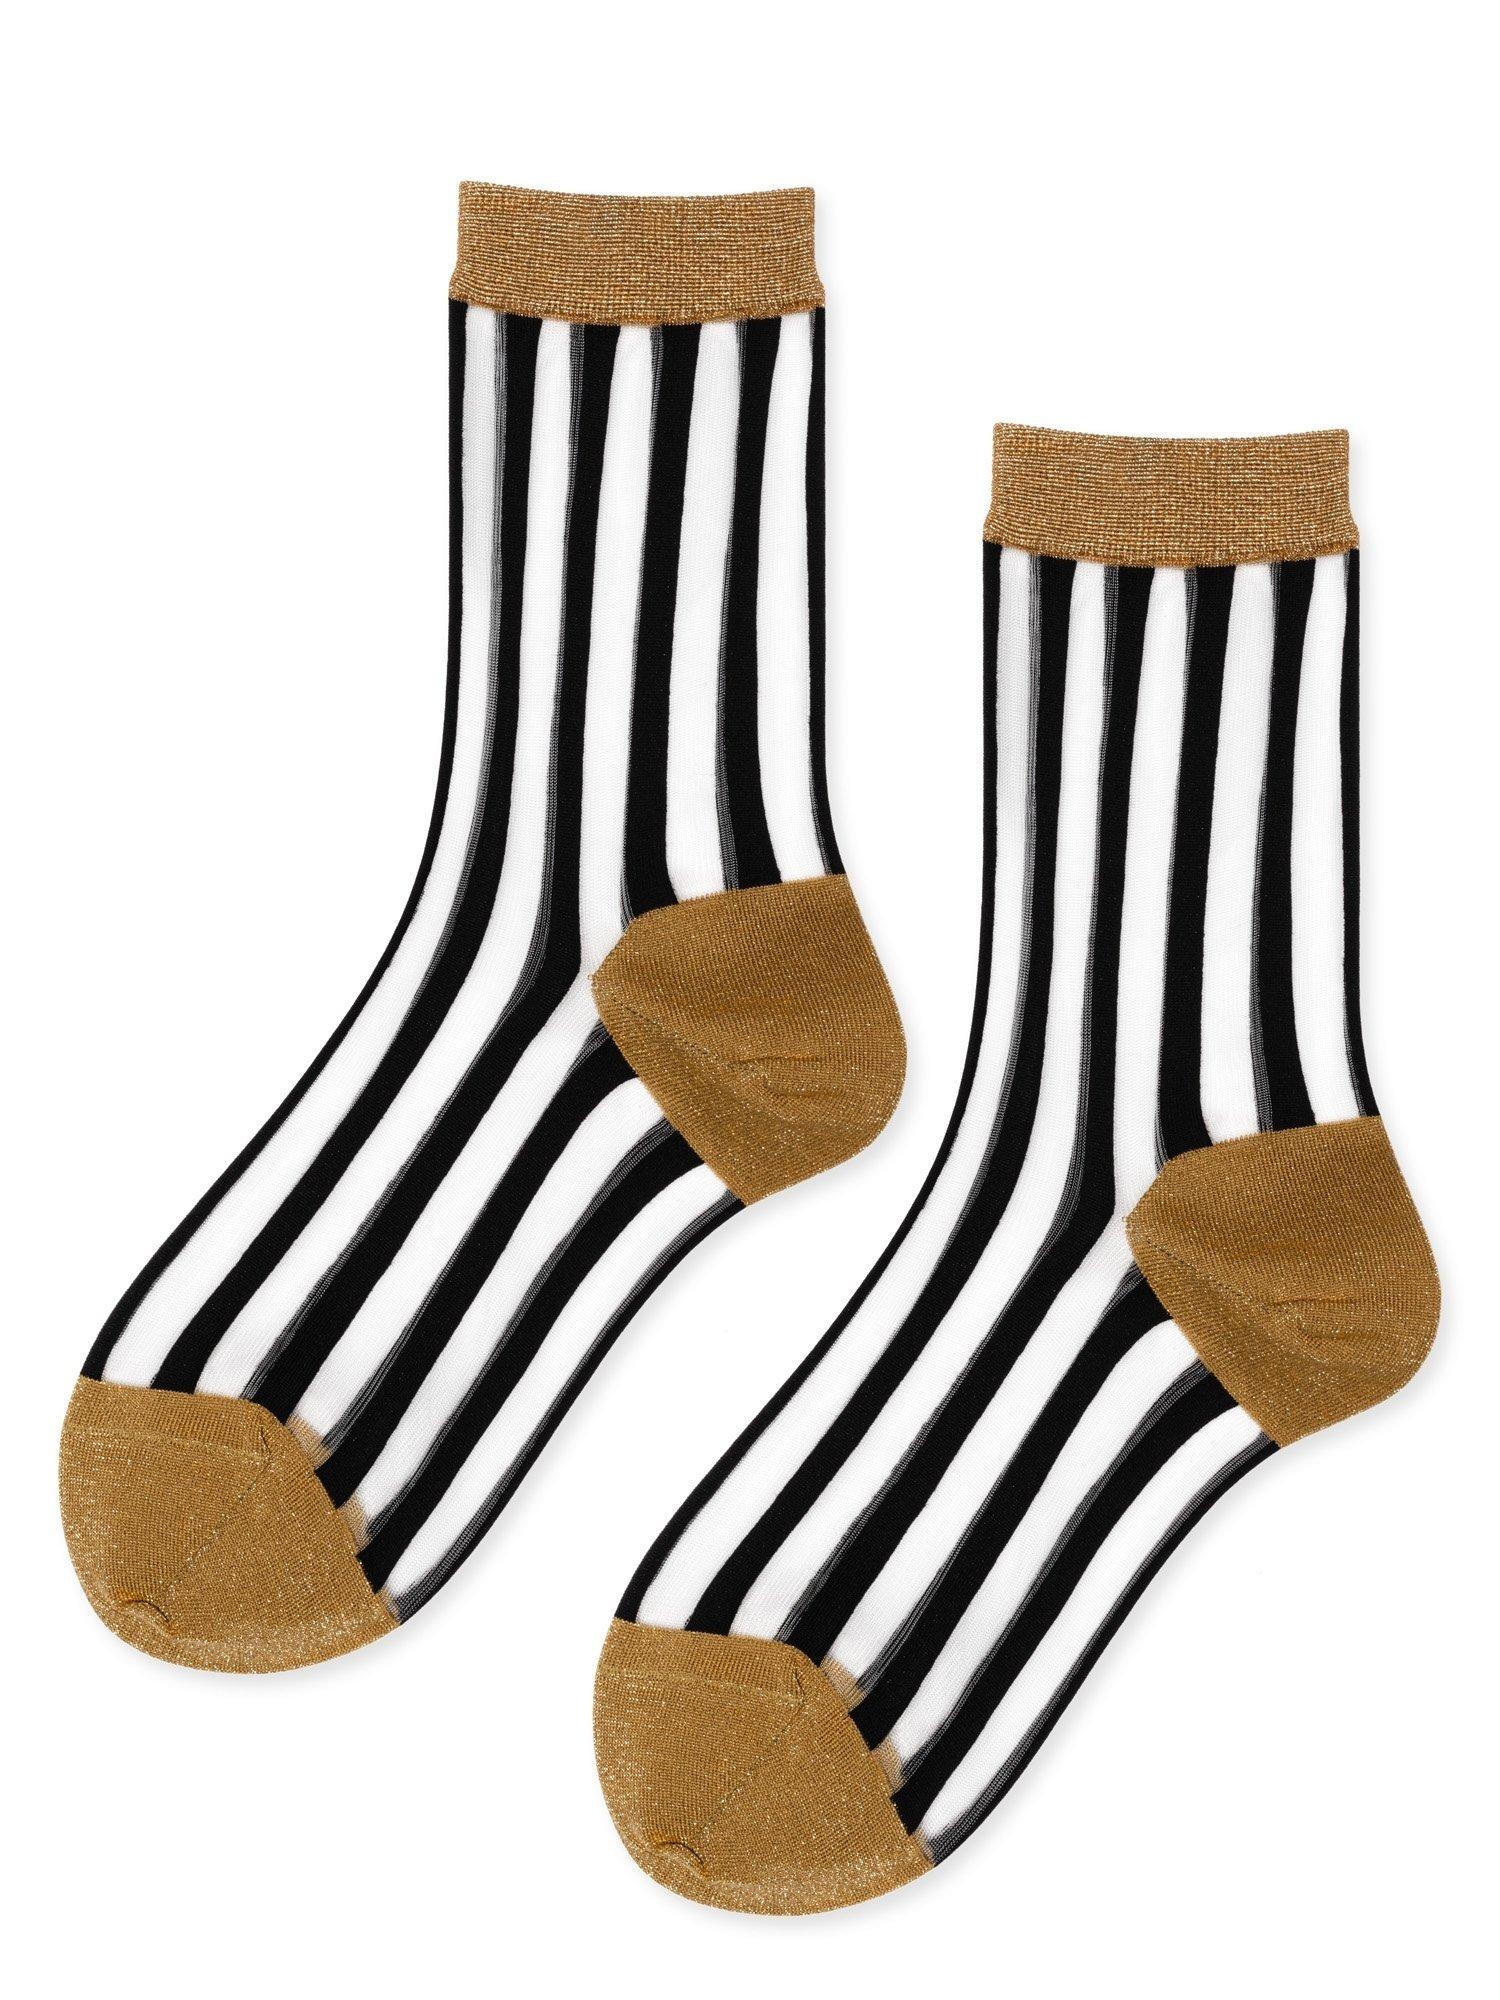 hansel from basel Socks Nylon Stripe gold